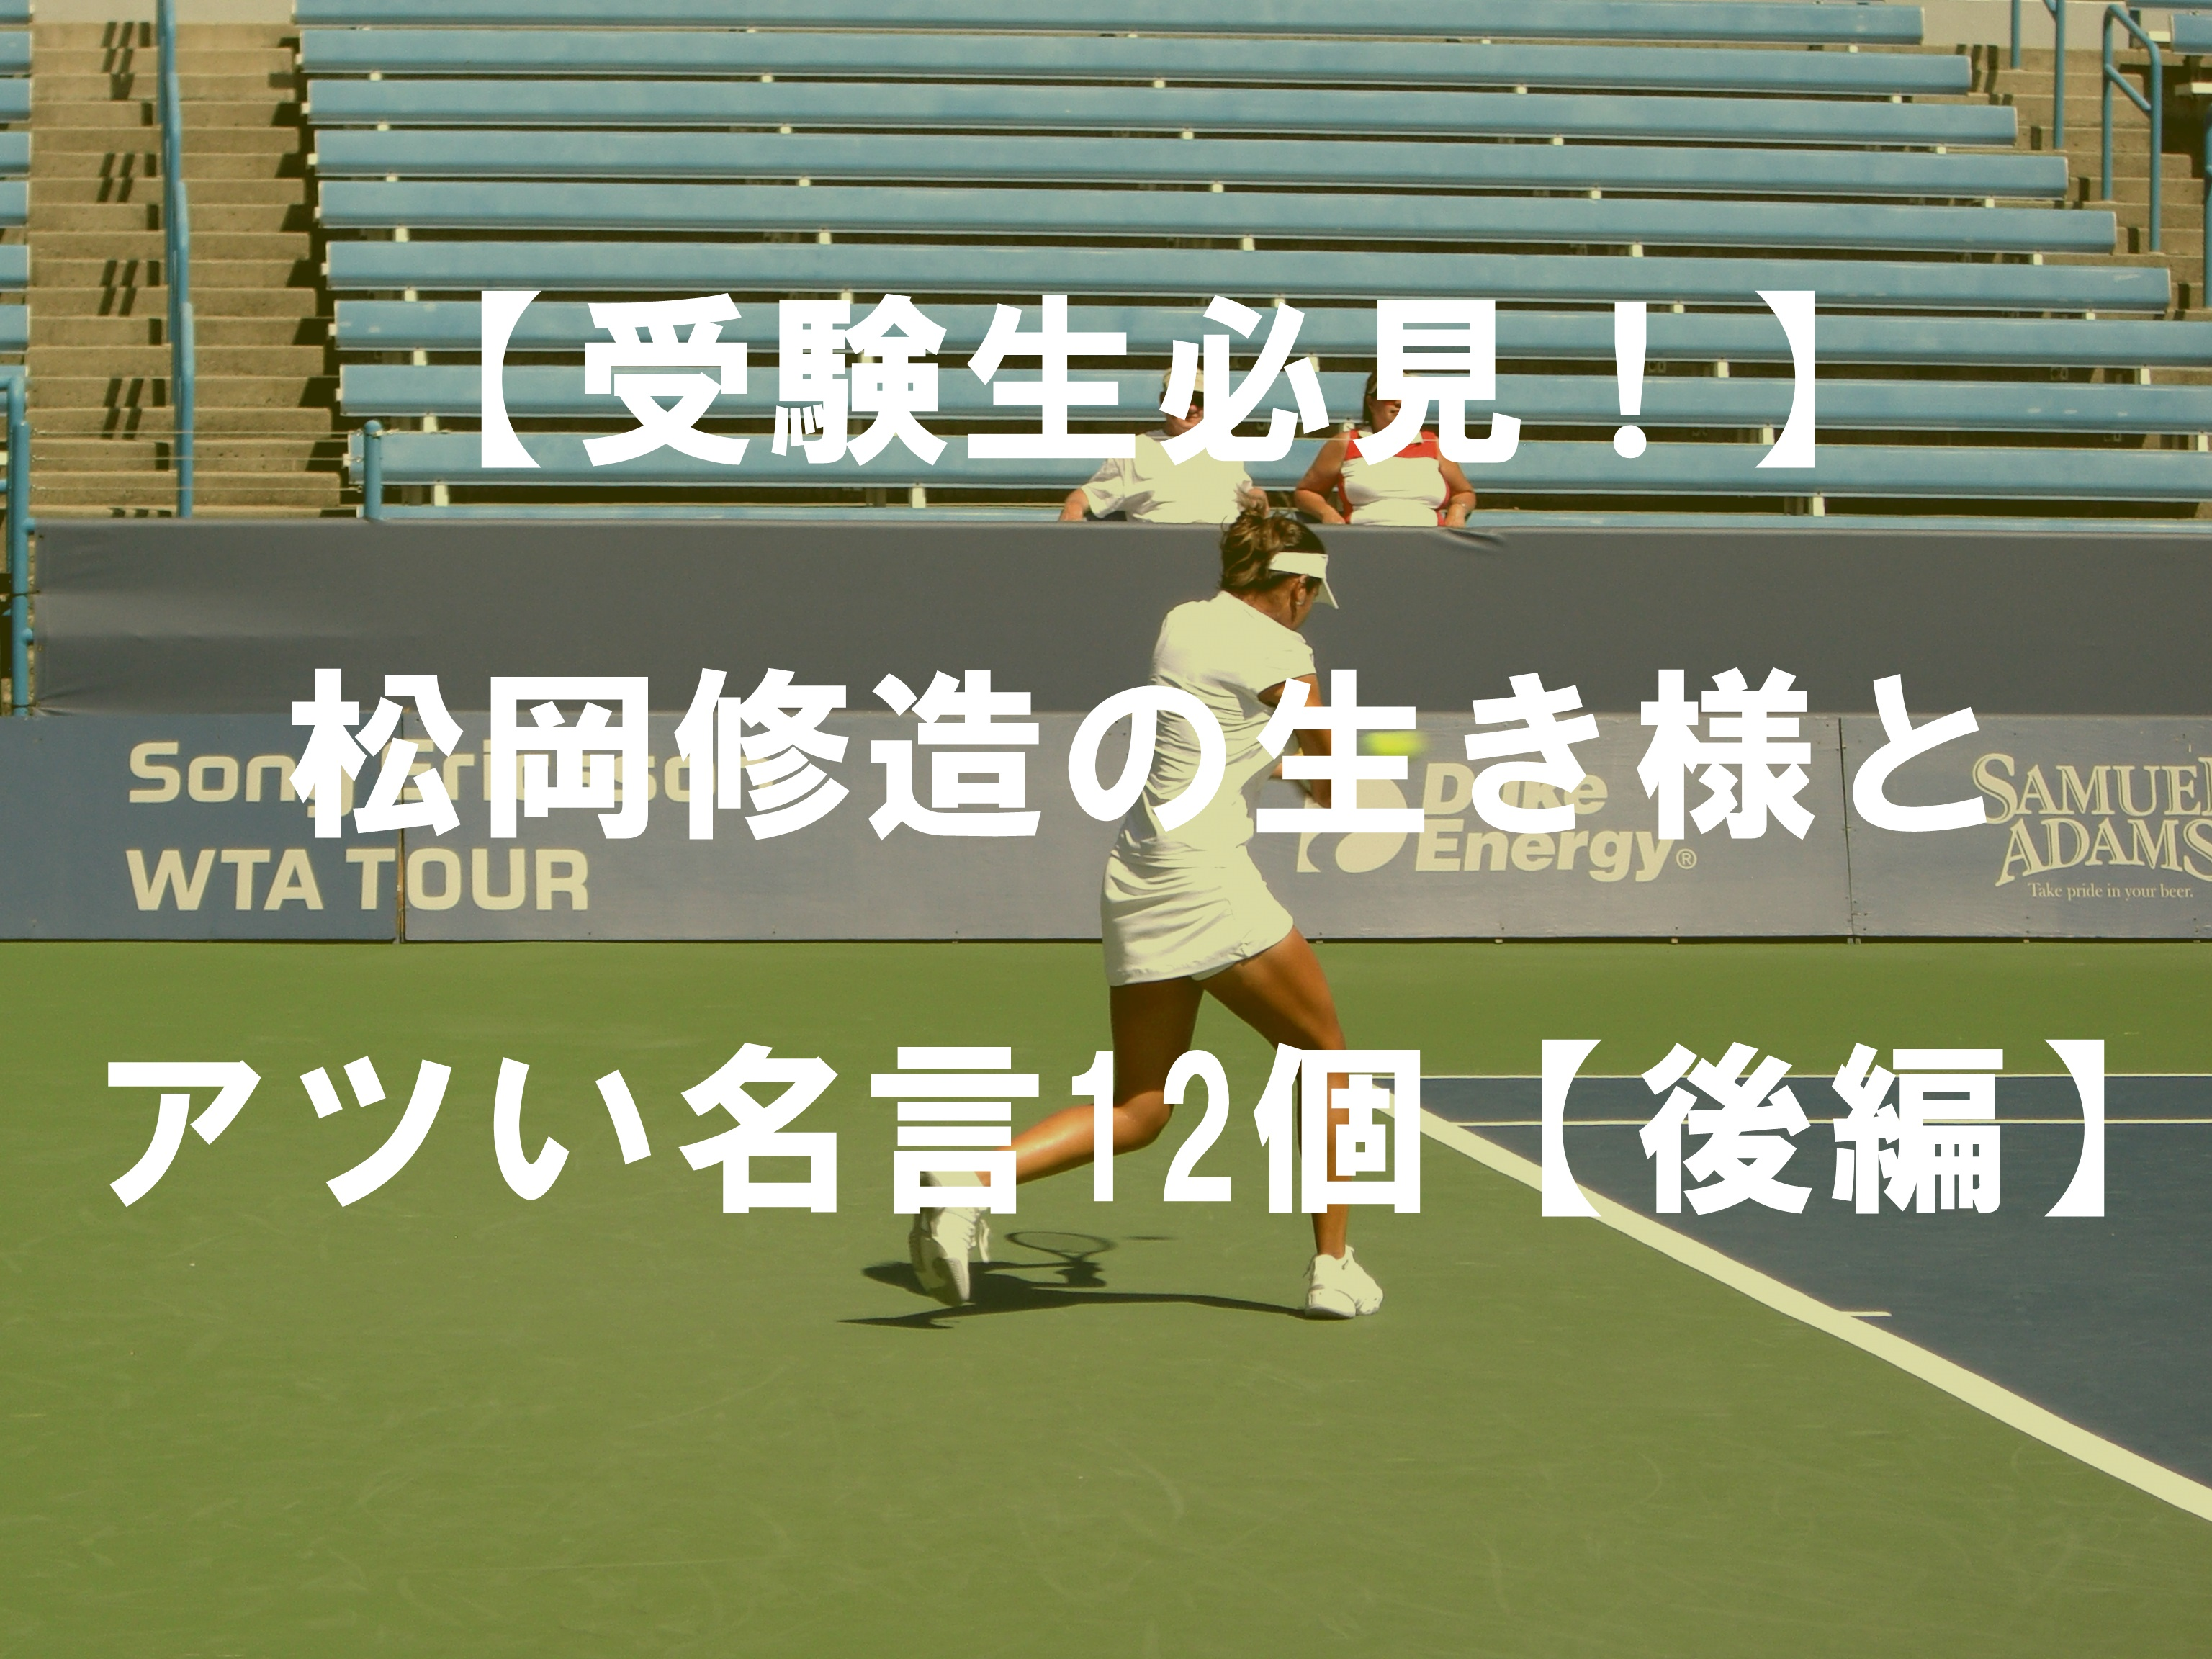 【受験生必見!】テニスプレイヤー松岡修造の生き様とアツい名言12...